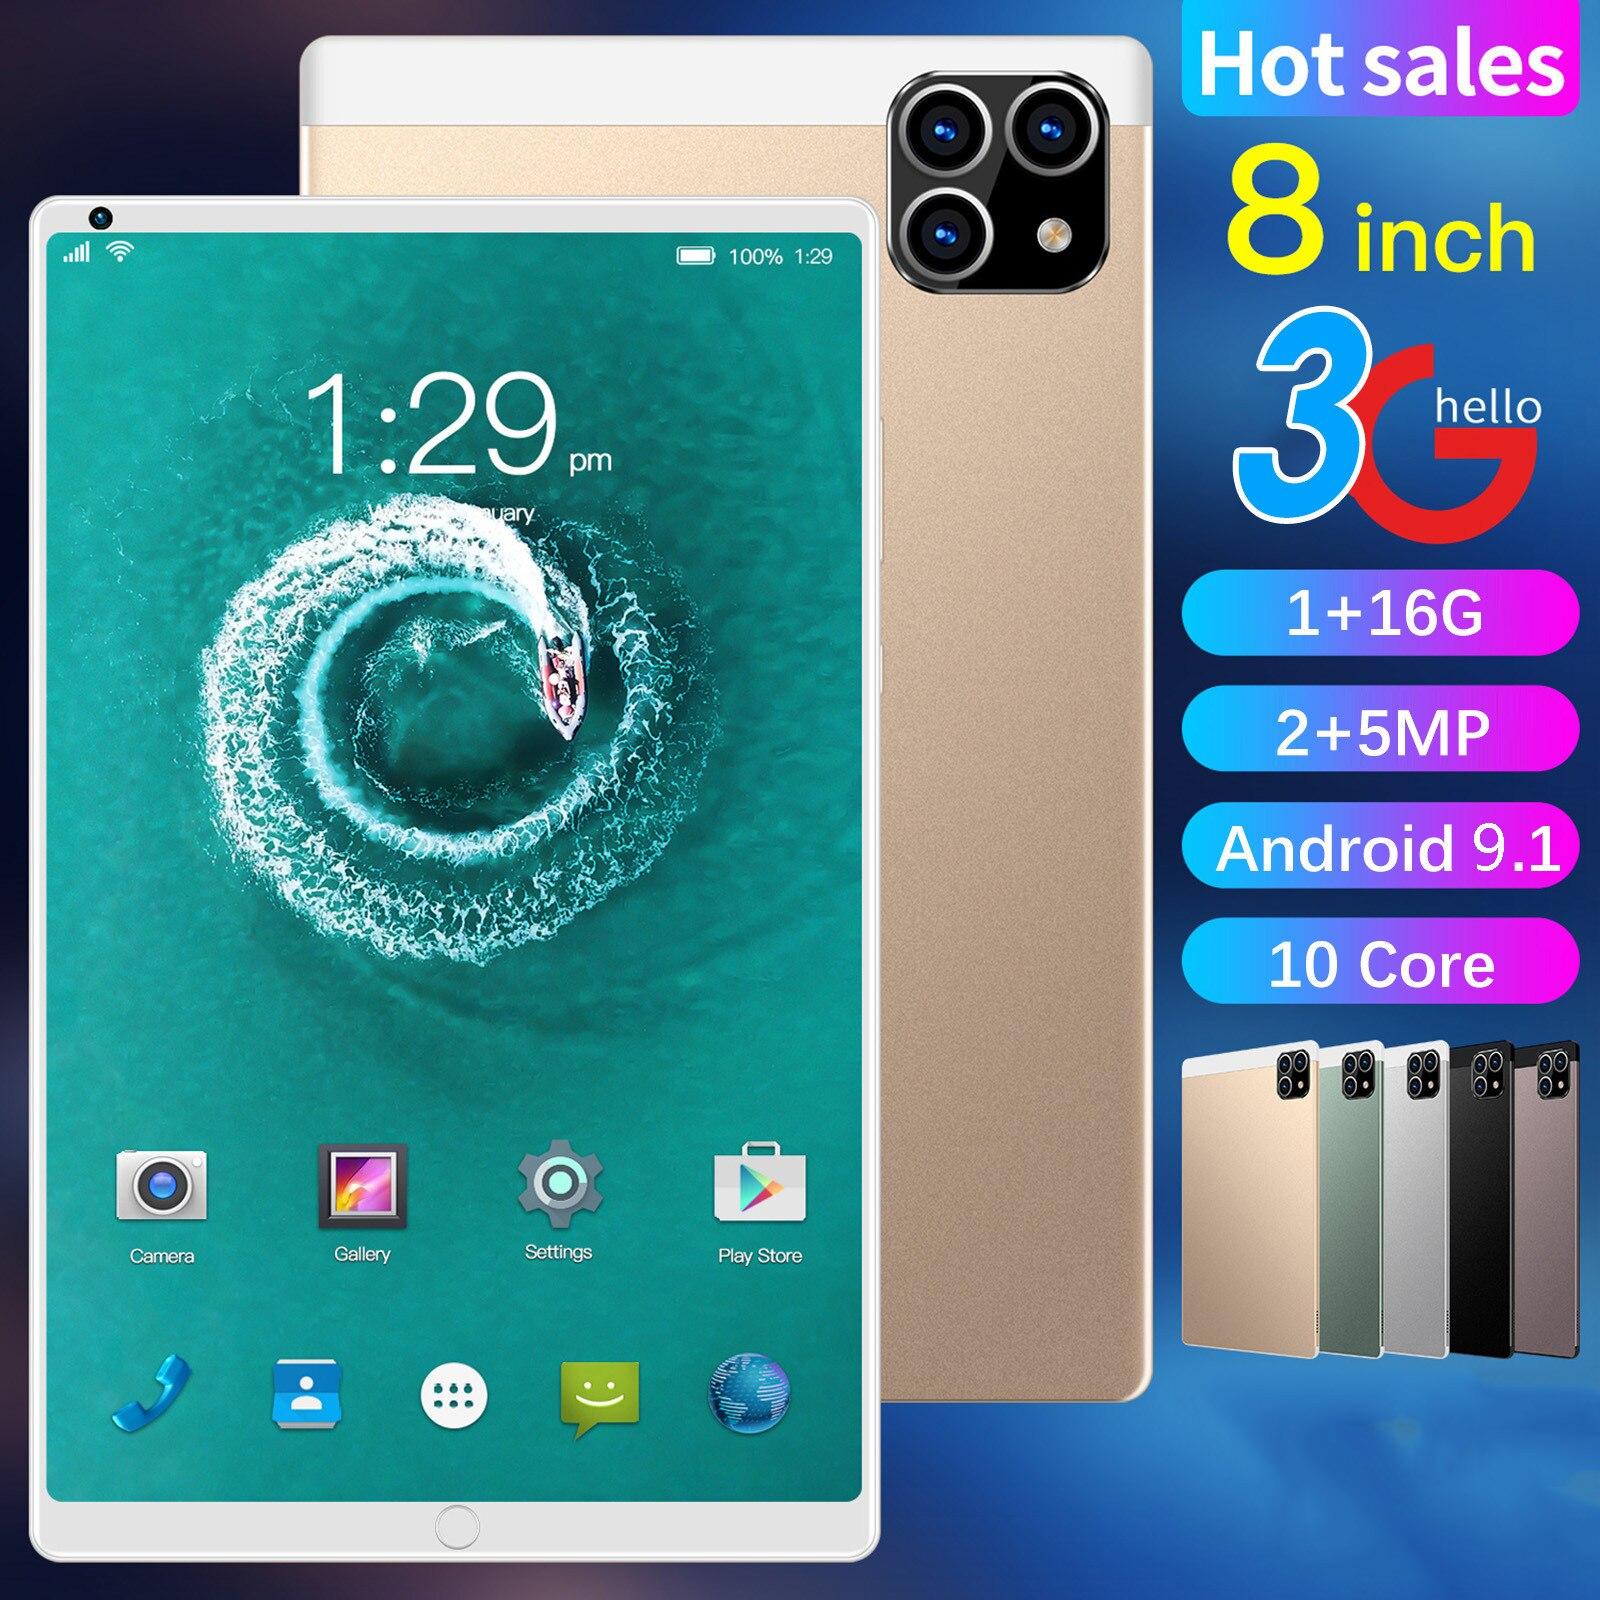 Планшет 8 дюймов 1 + 16G Android 9,1 планшеты с двумя Sim-картами планшетный ПК RAM1GB + ROM16GB 4000mAh планшет Android планшет